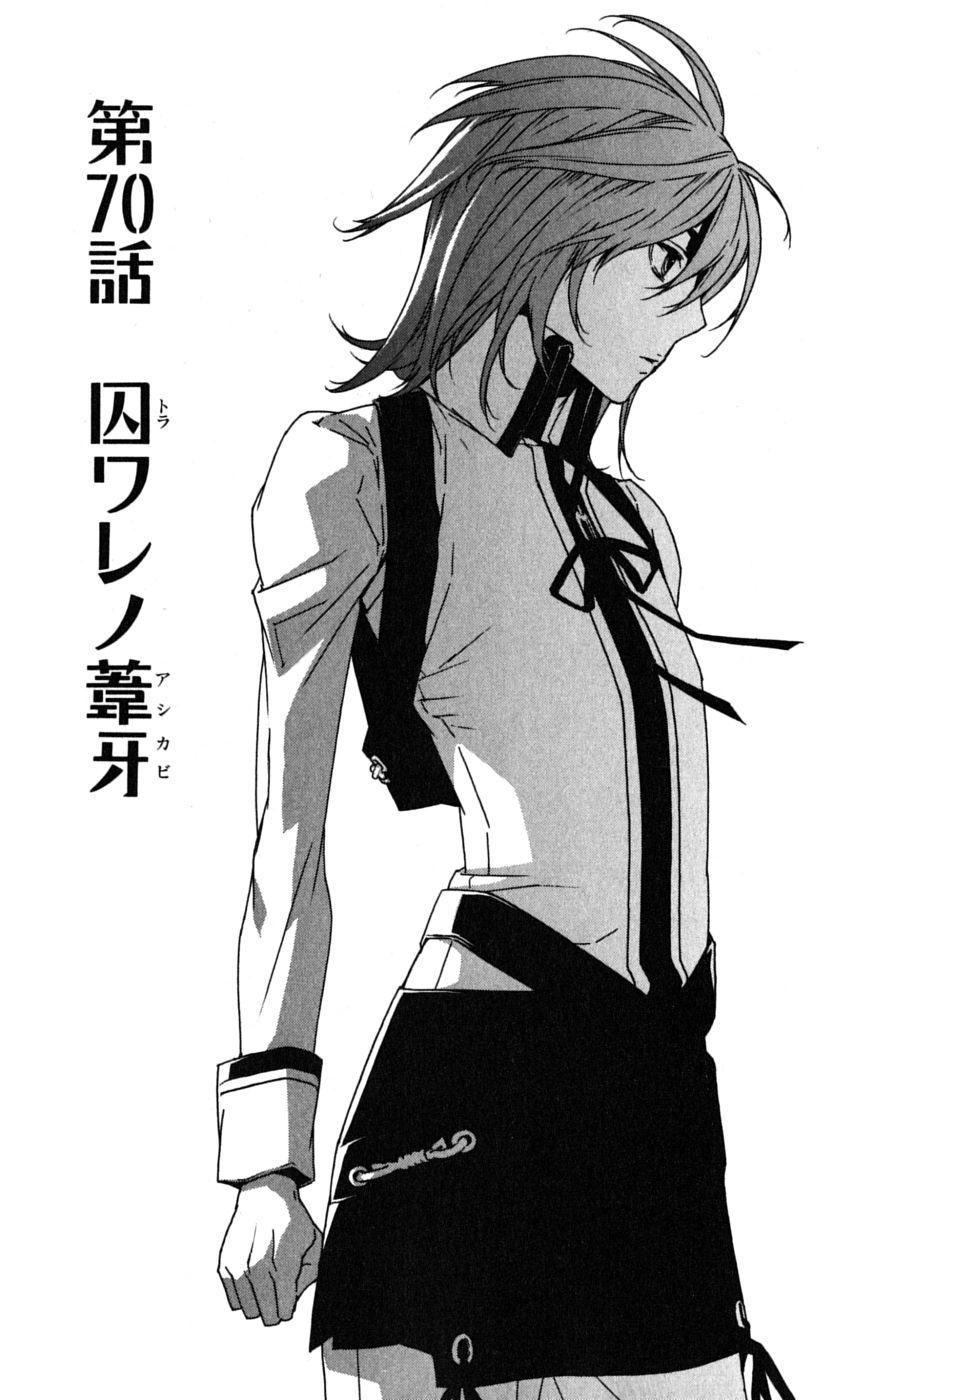 Sekirei manga chapter 070.jpg